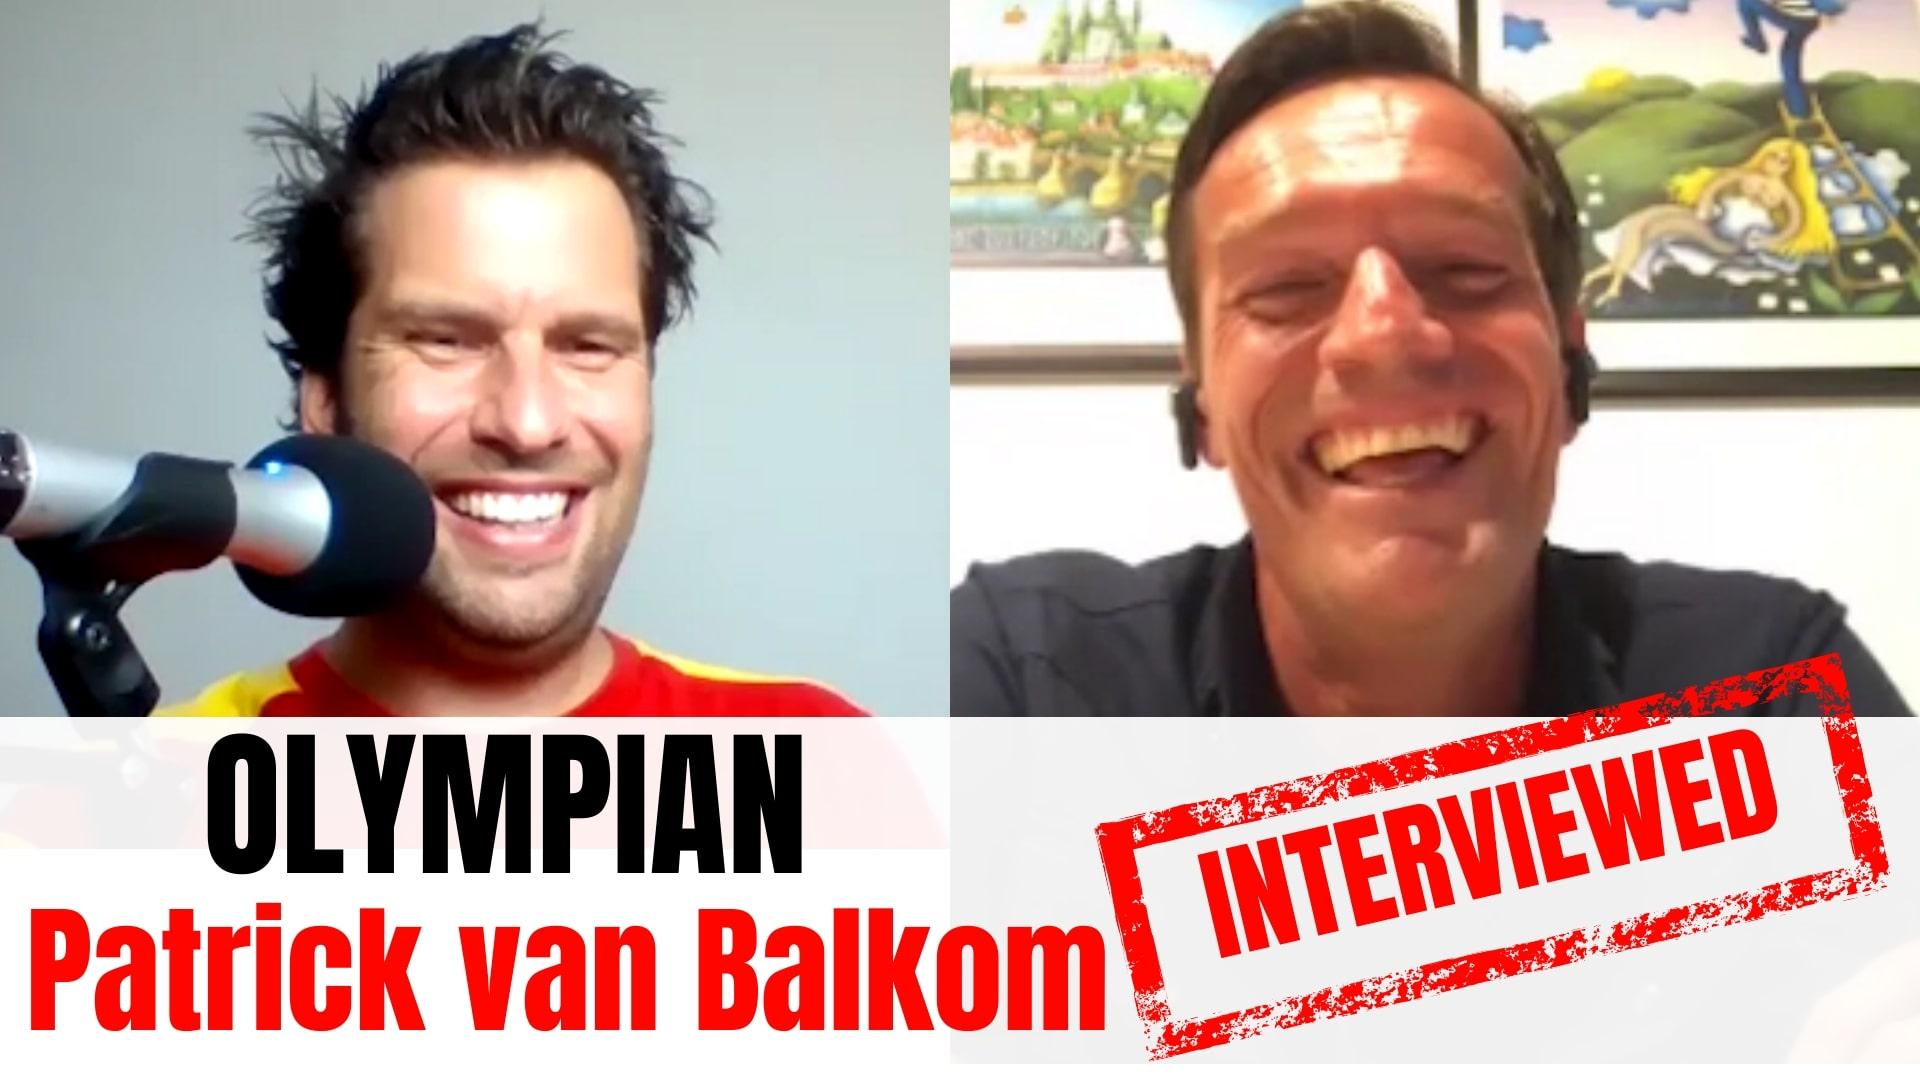 Patrick van Balkom Patrick van Balkom interview